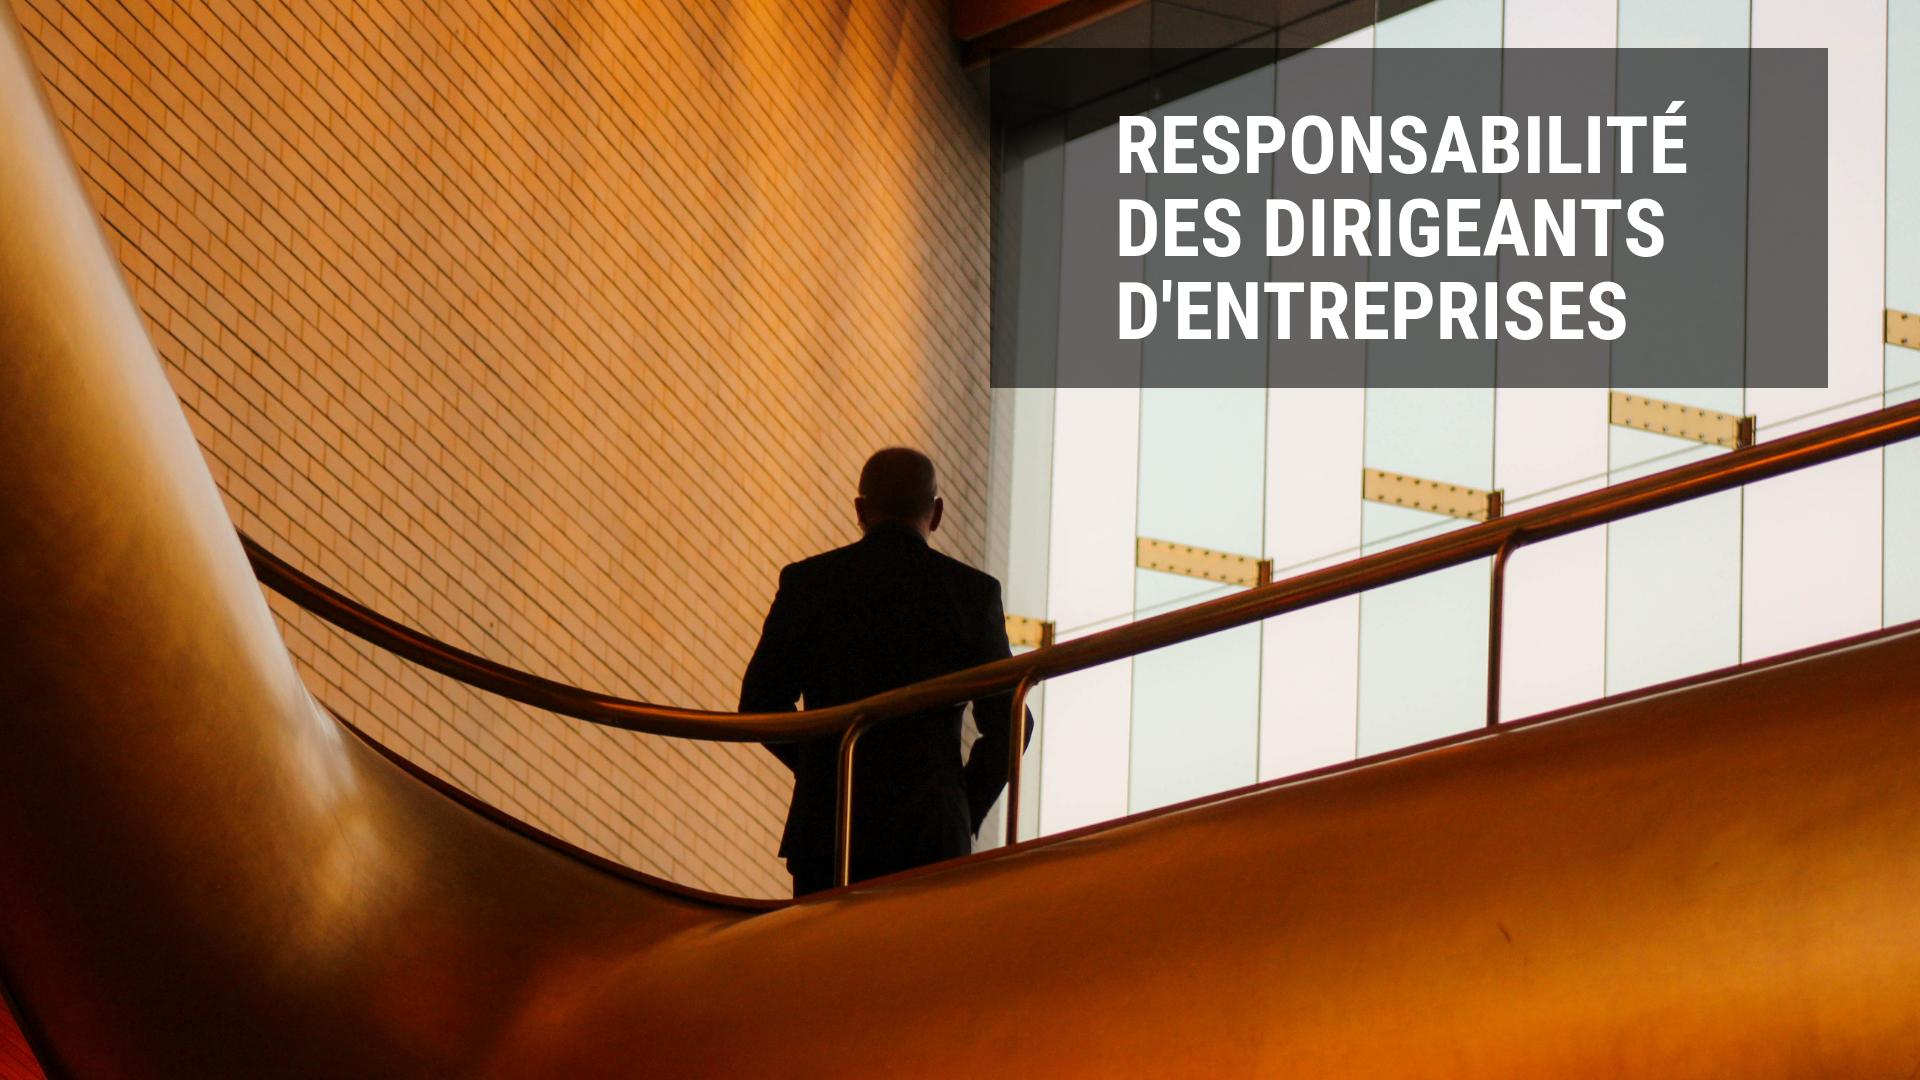 Responsabilité des dirigeants d'entreprise